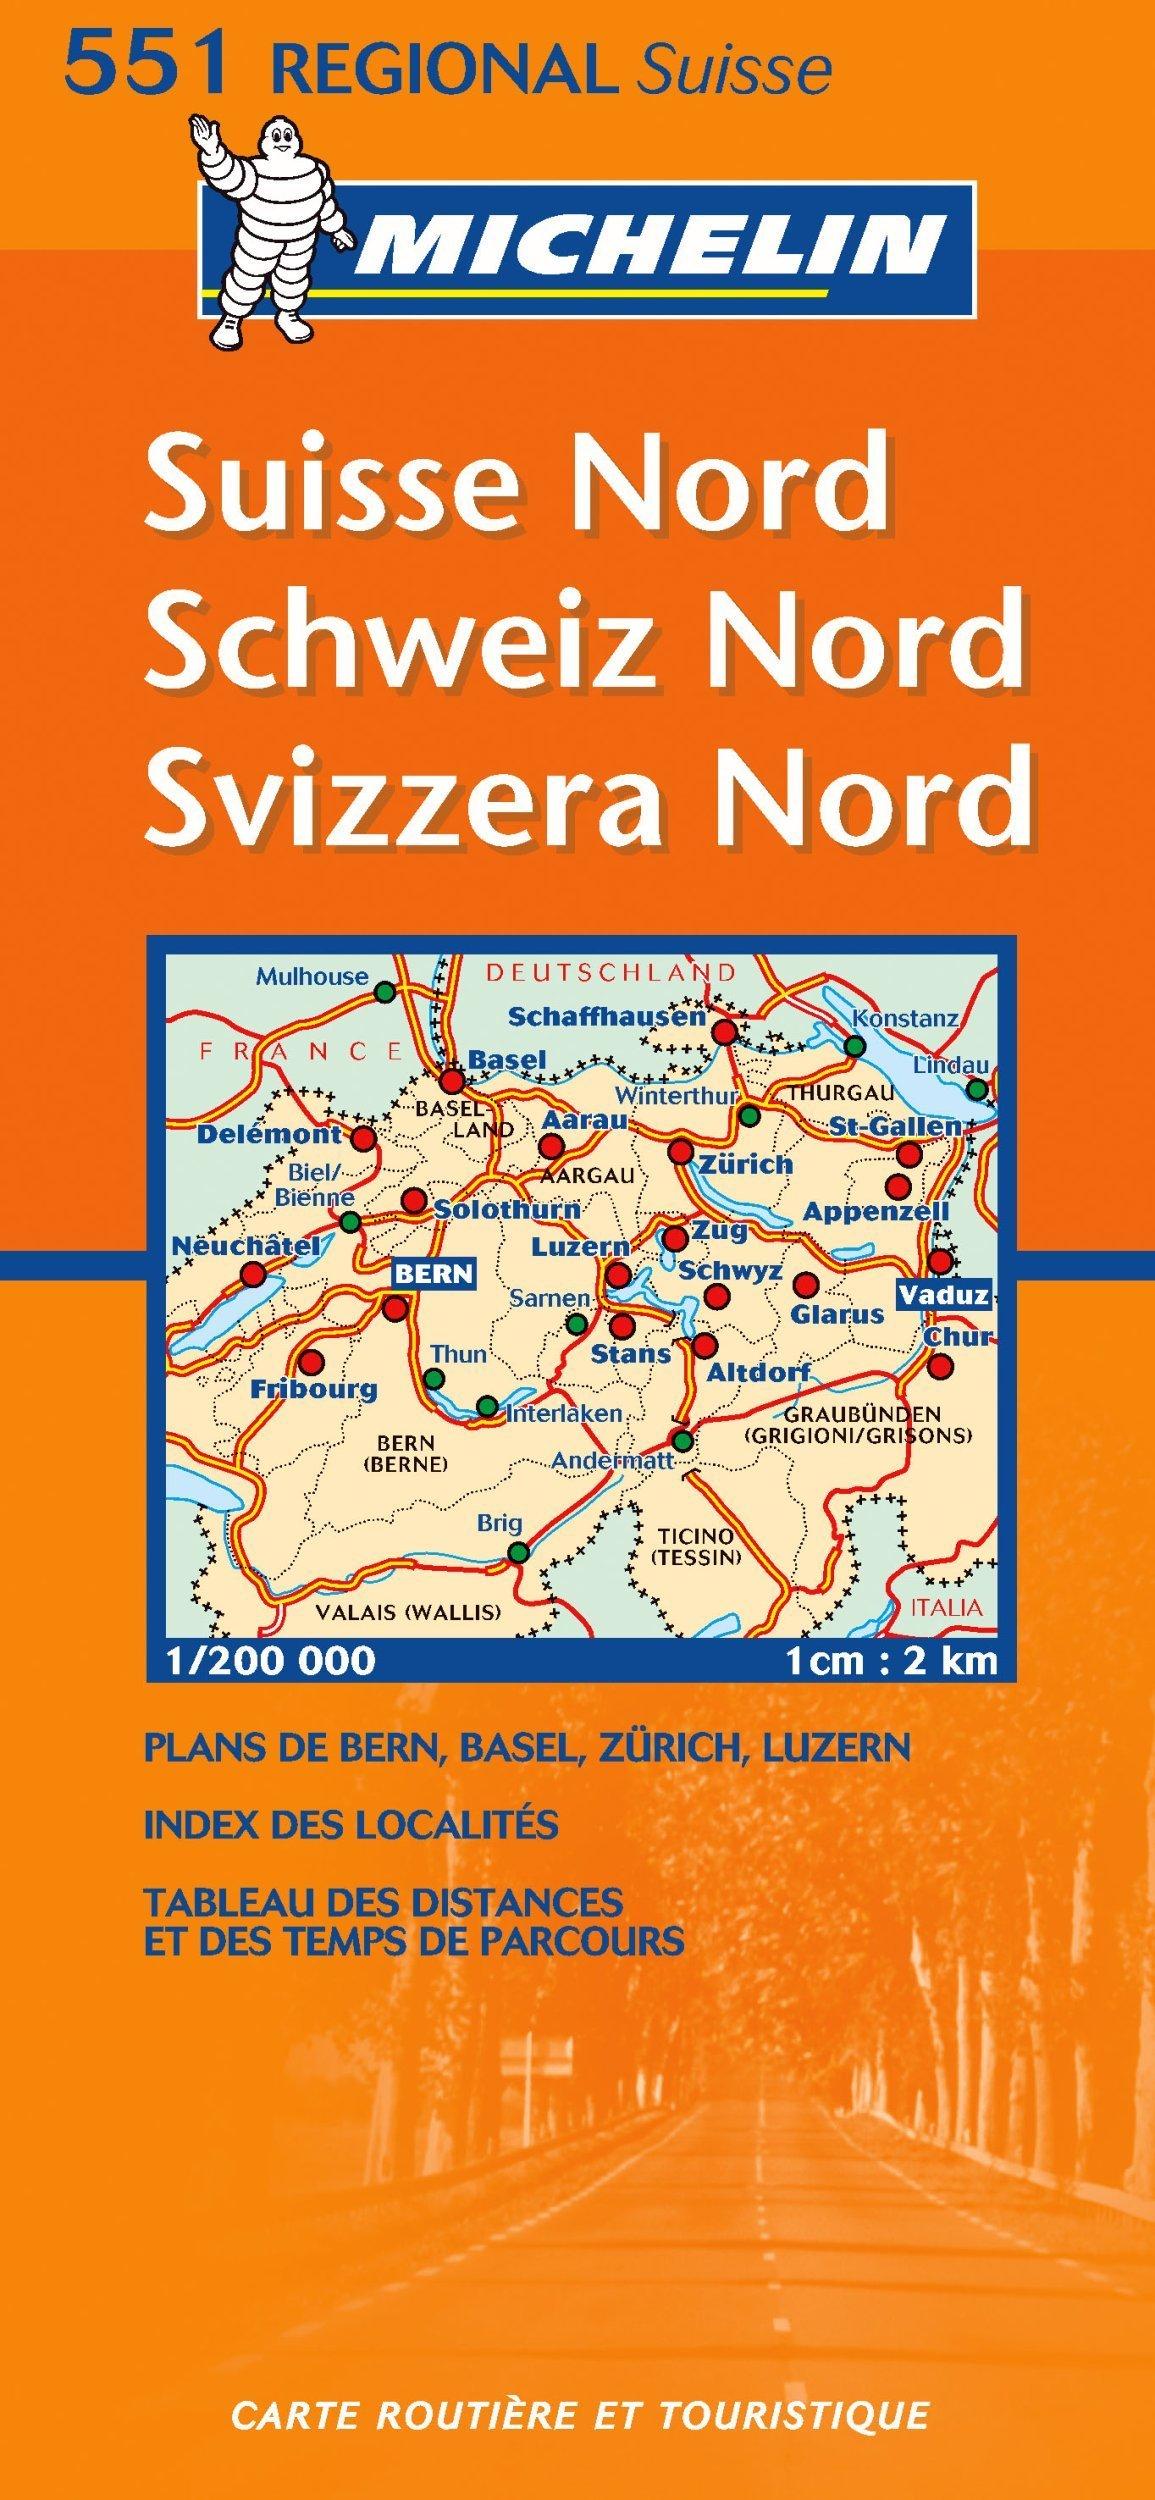 Suisse Nord. Schweiz Nord. Svizzera Nord. 1 : 200 000: Strassenkarte mit touristischen Hinweisen